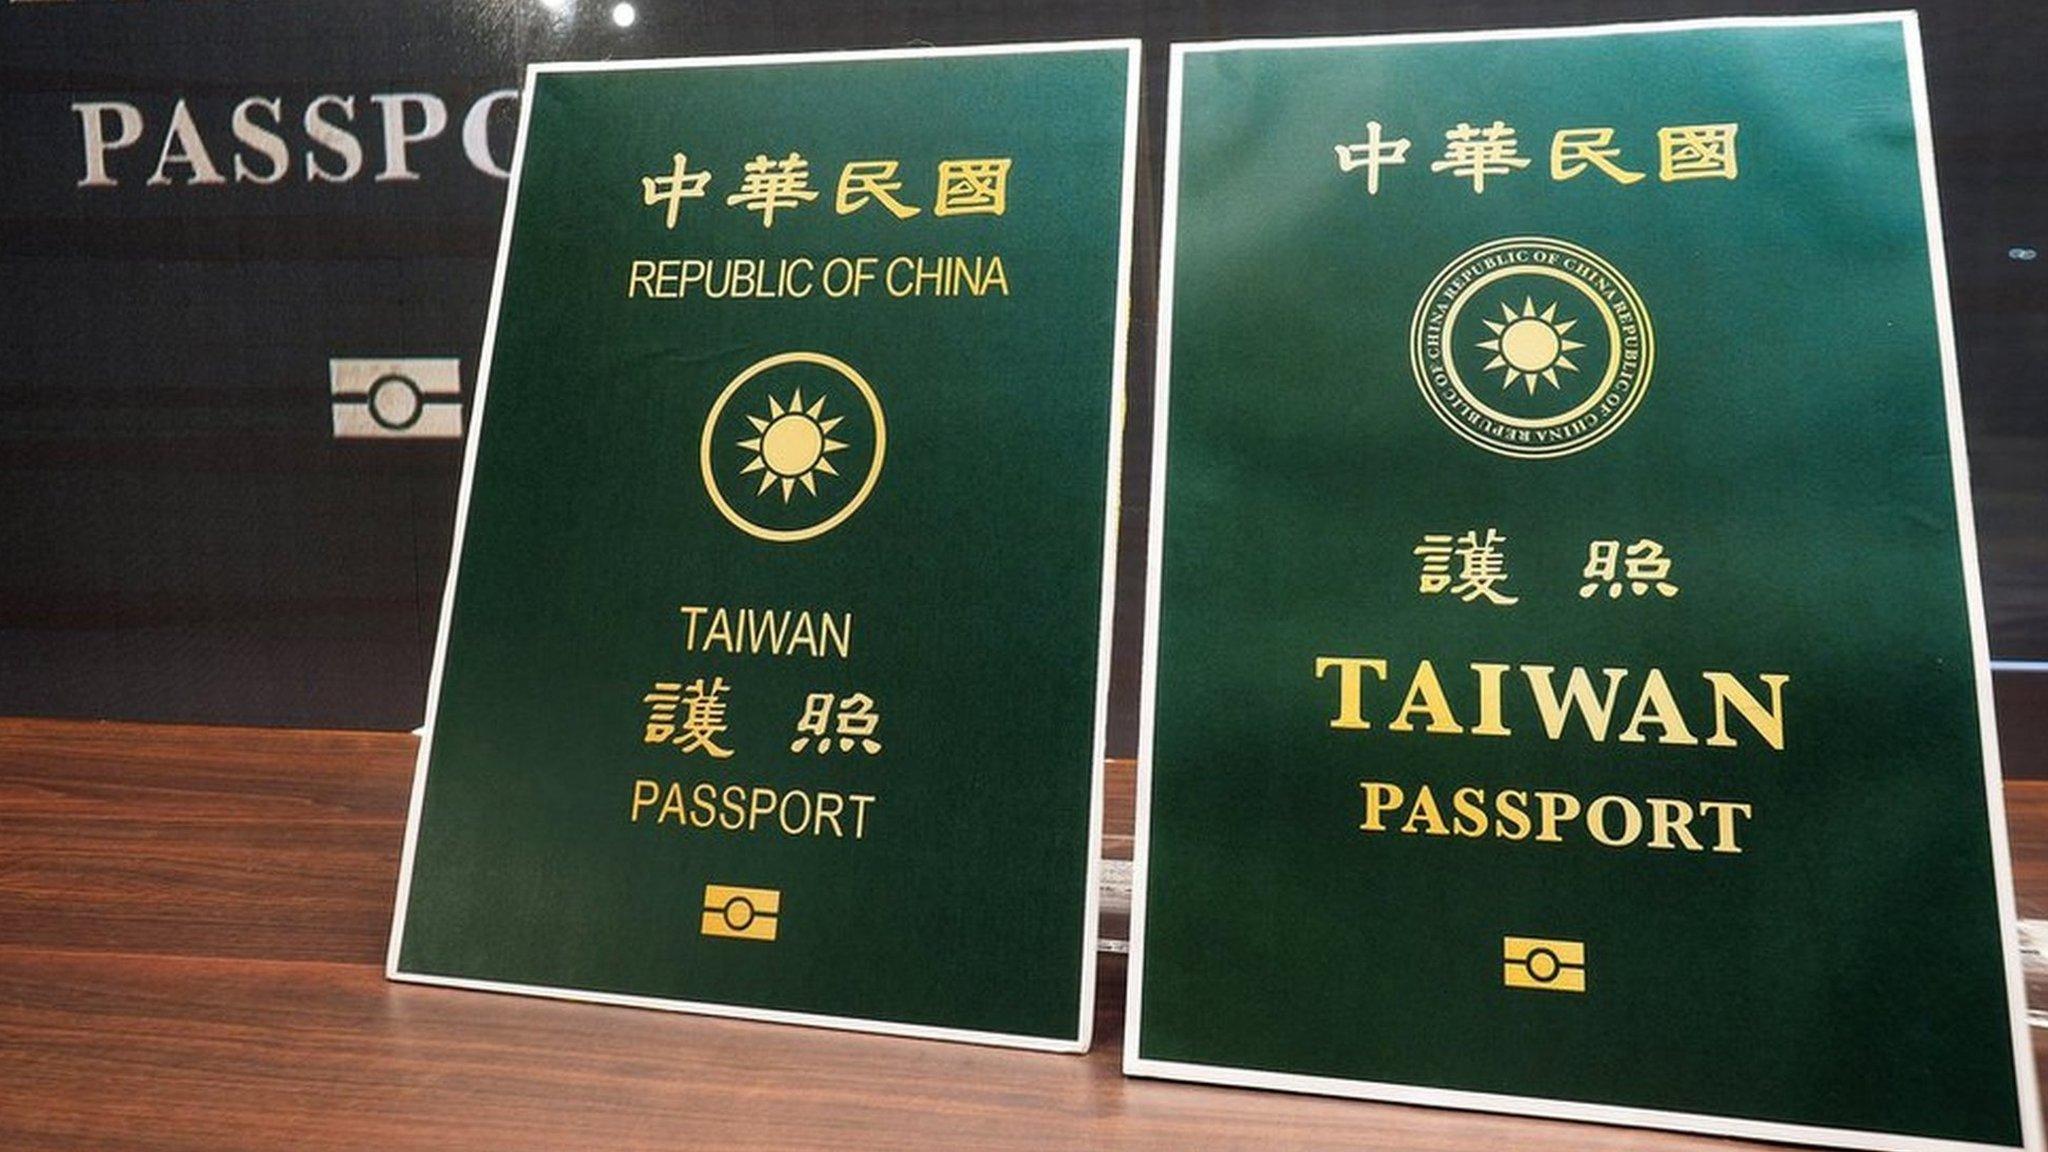 パスポート 新しい 2020年、日本国パスポートのデザインが北斎の浮世絵に。東京オリンピックを控え、外務省の粋な問題解決が最高。